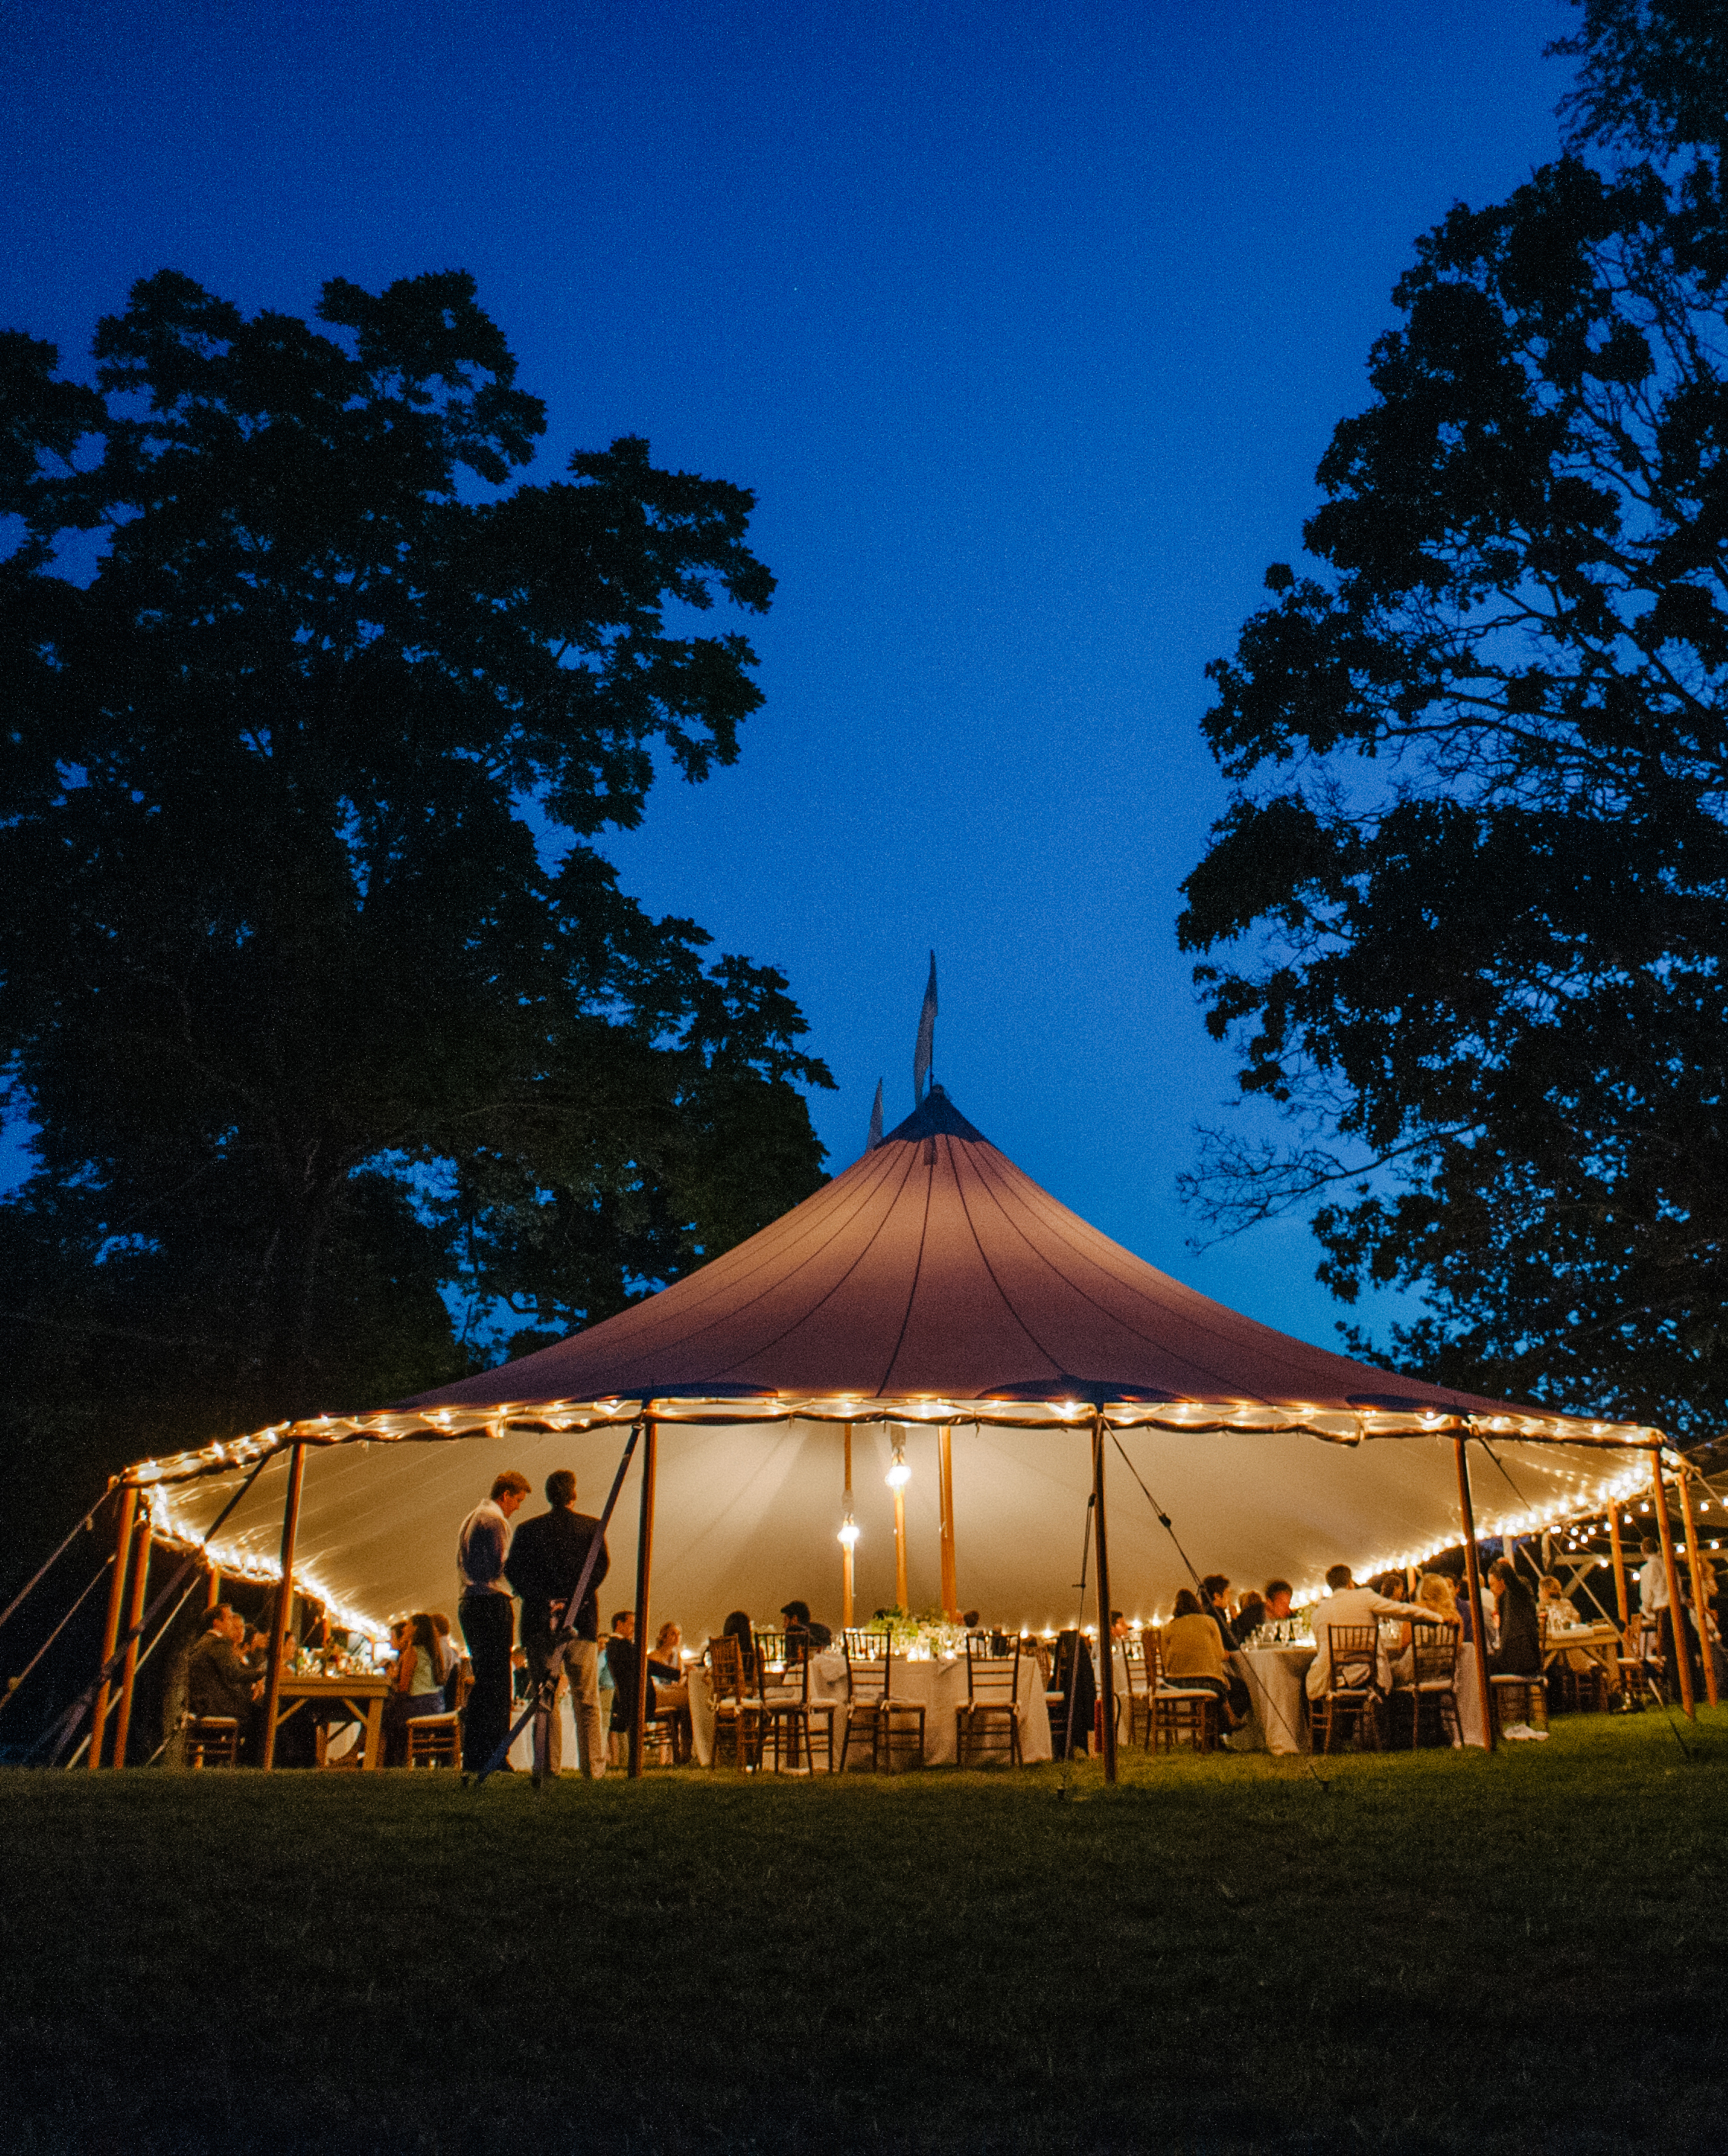 rachel-andrew-wedding-tent-153-s112195-0915.jpg